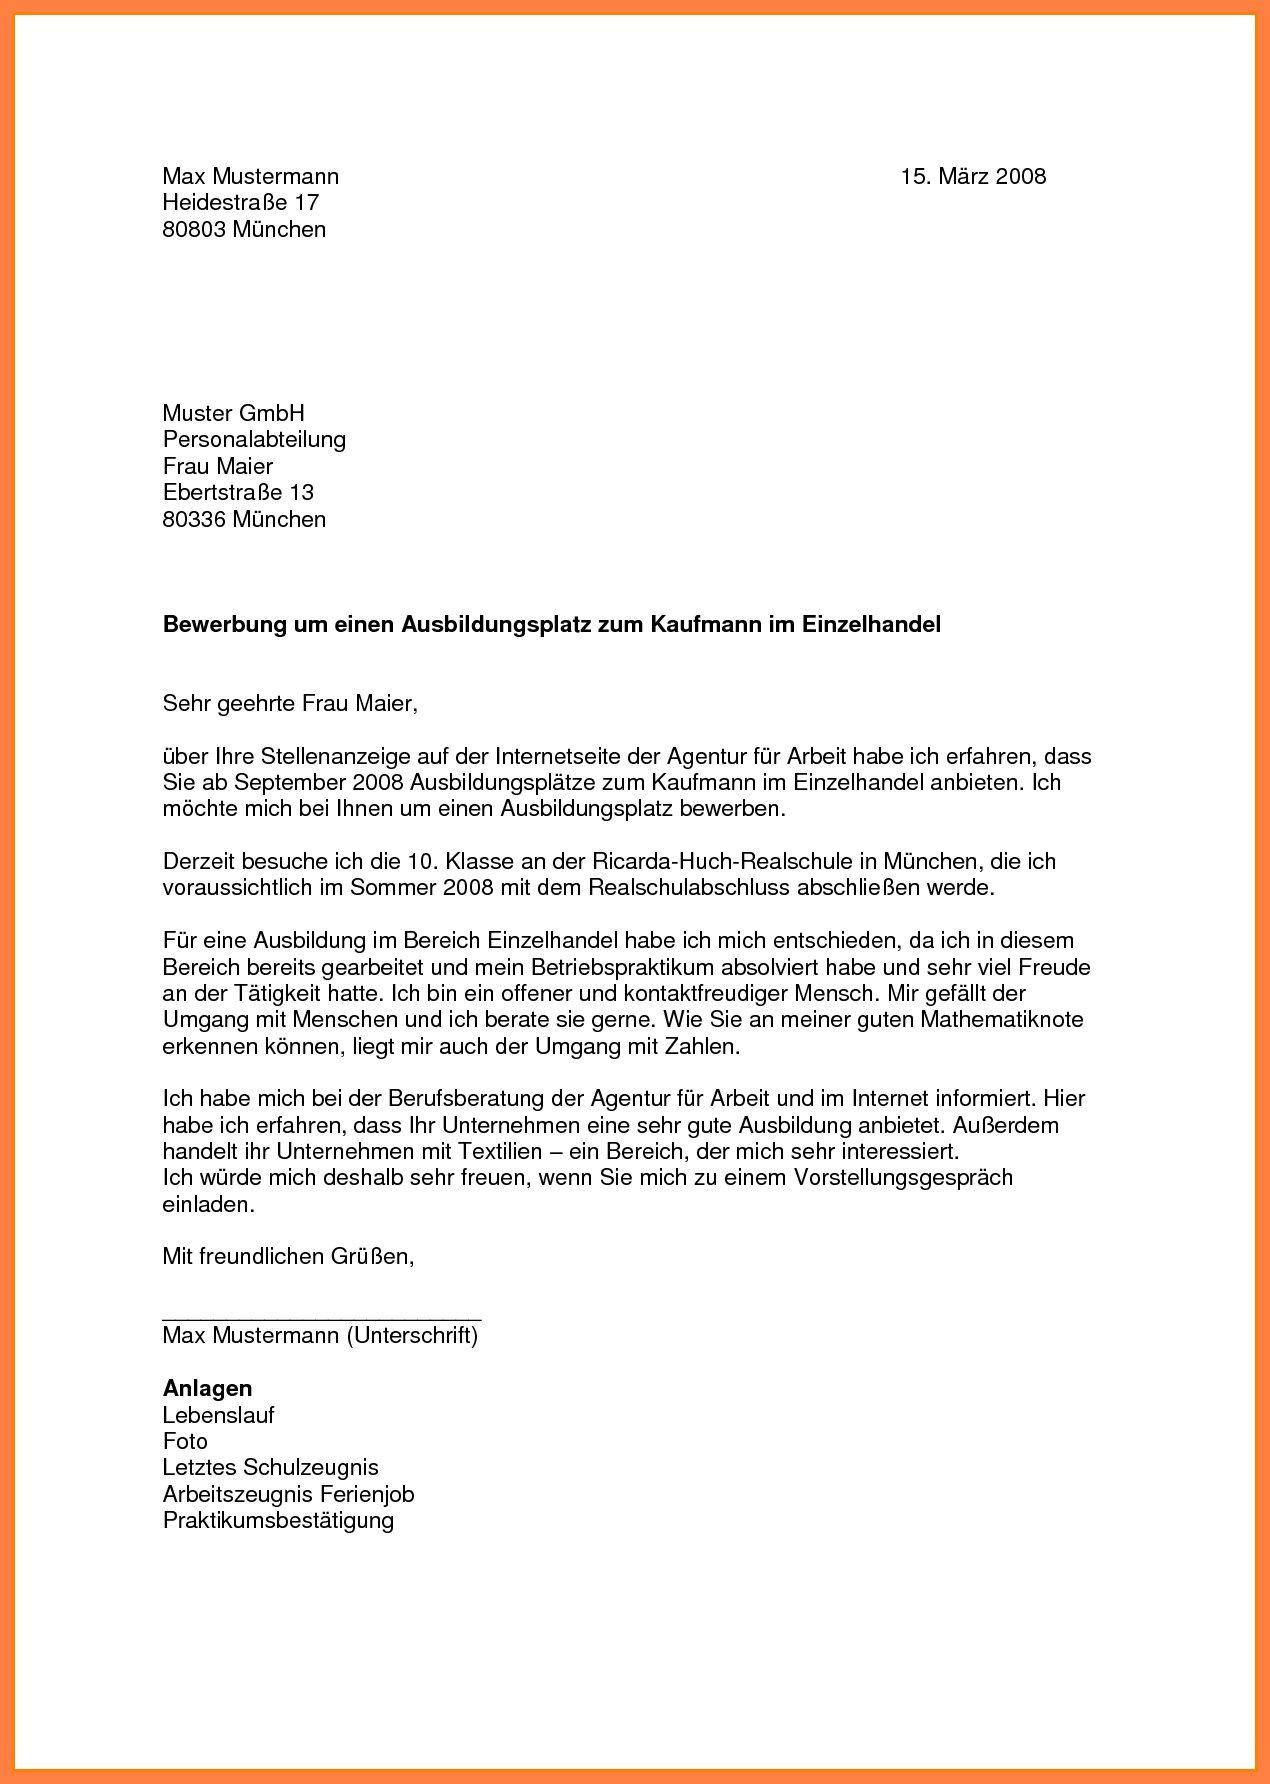 Einzigartig Bewerbung Dachdecker Briefprobe Briefformat Briefvorlage Bewerbung Bewerbung Muster Briefvorlagen